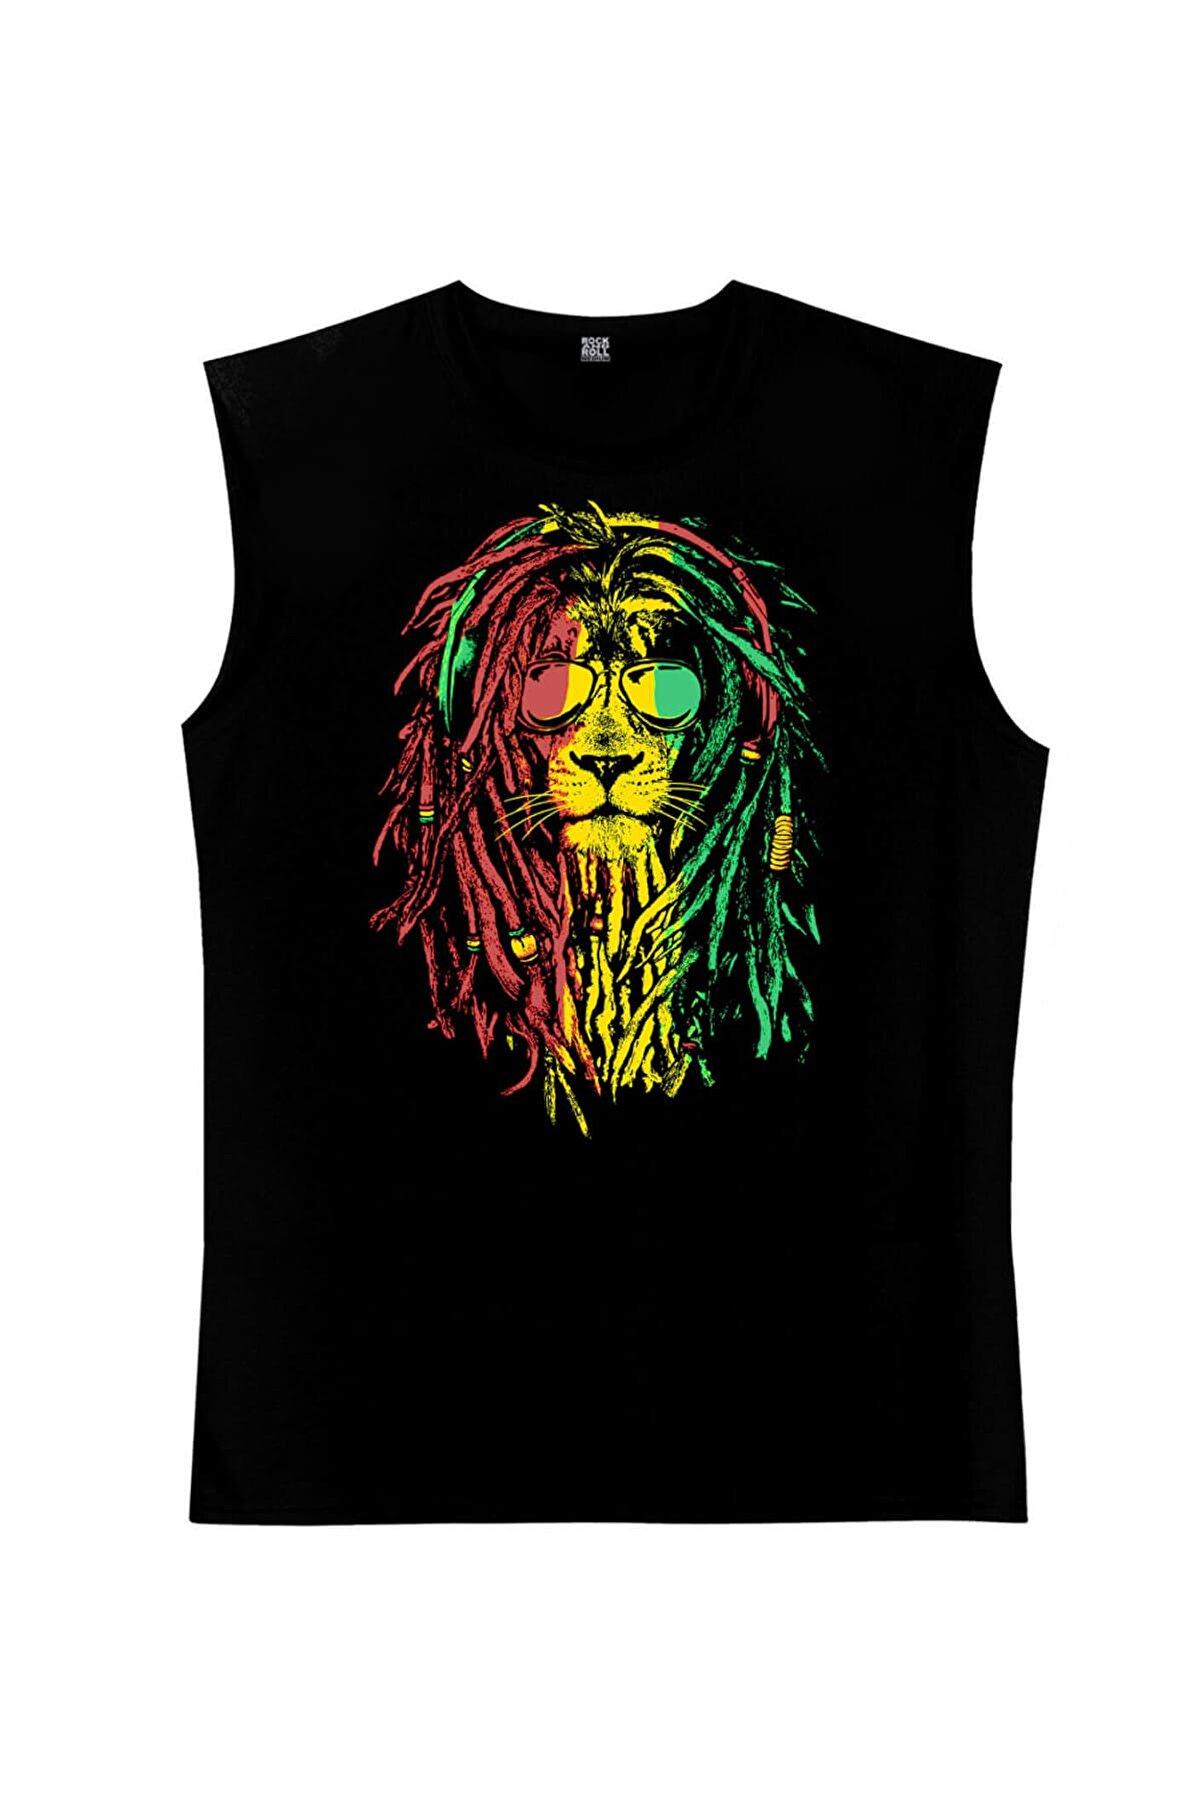 Rock & Roll Rasta Reggae Aslan Siyah Kesik Kol | Kolsuz Erkek T-shirt | Atlet 1M1SM104FS